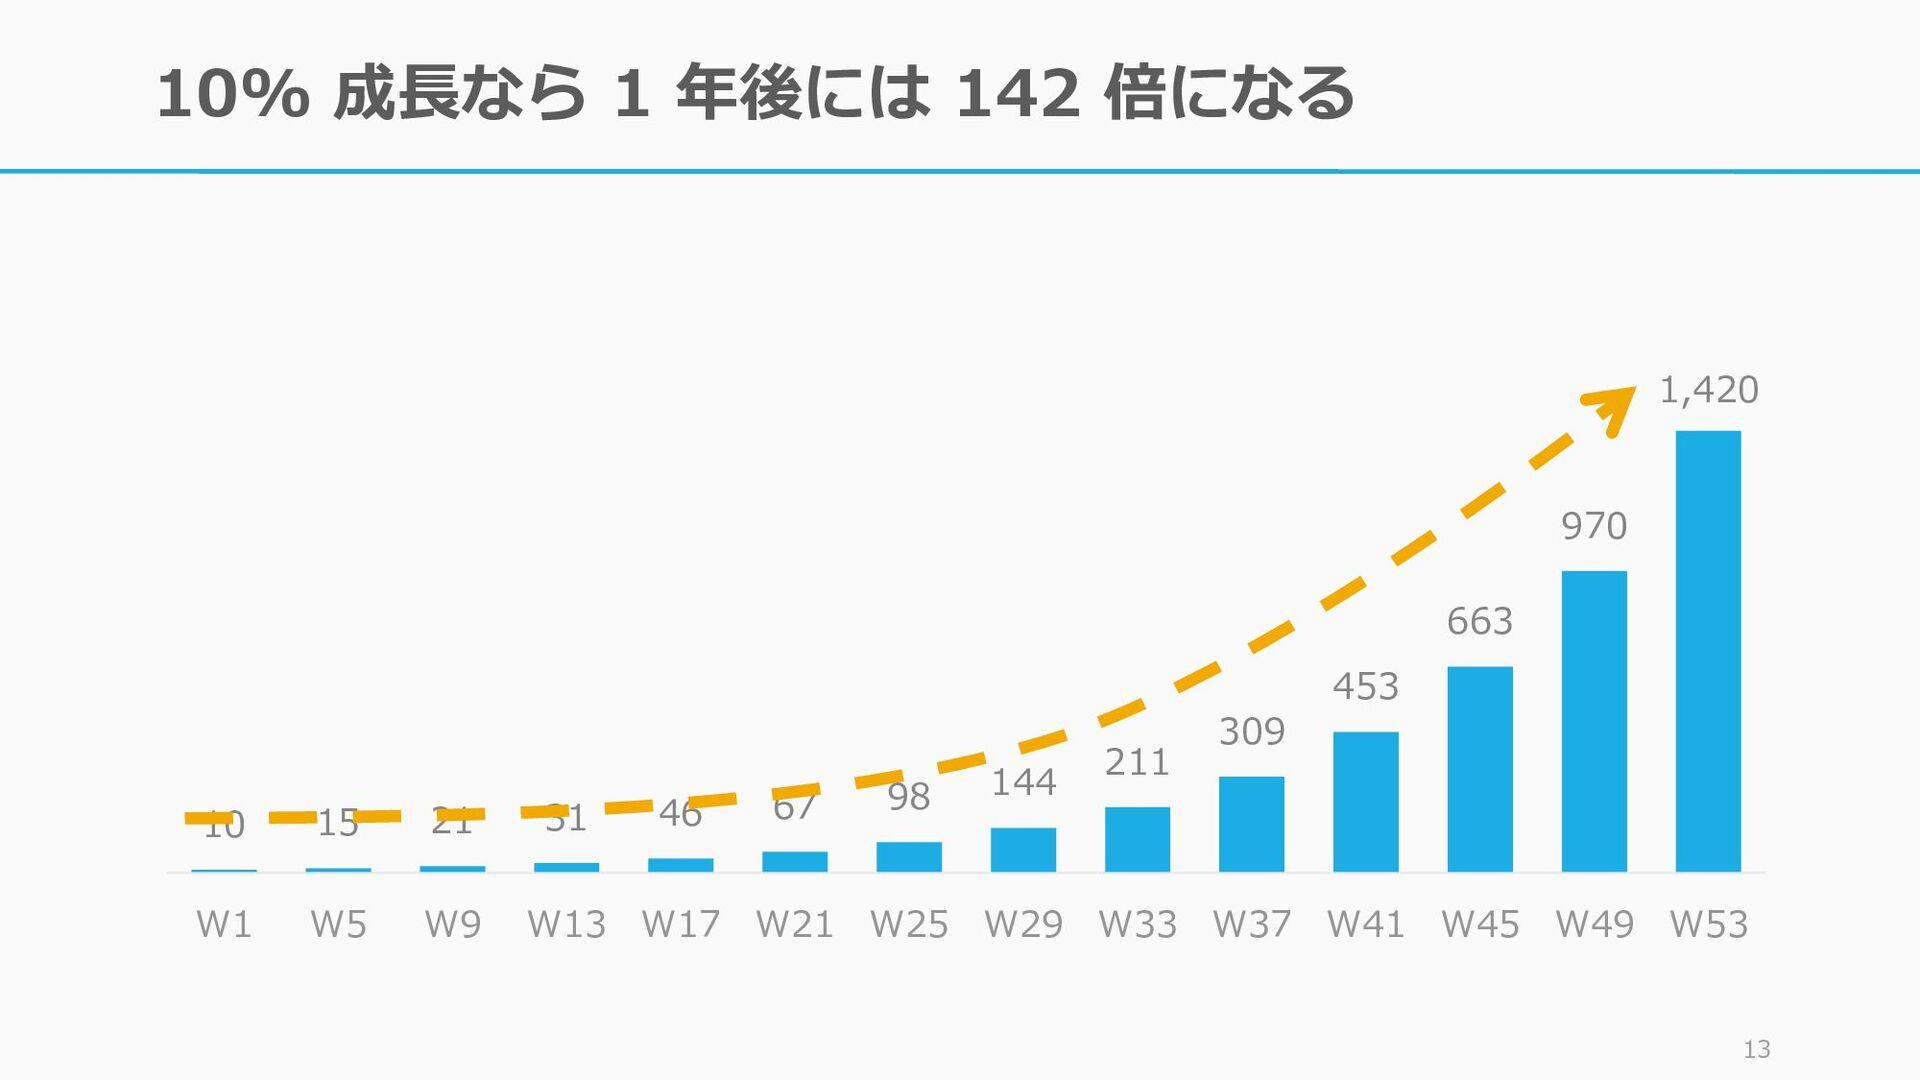 10% 成長なら 1 年後には 142 倍になる 12 10 15 21 31 46 67 9...